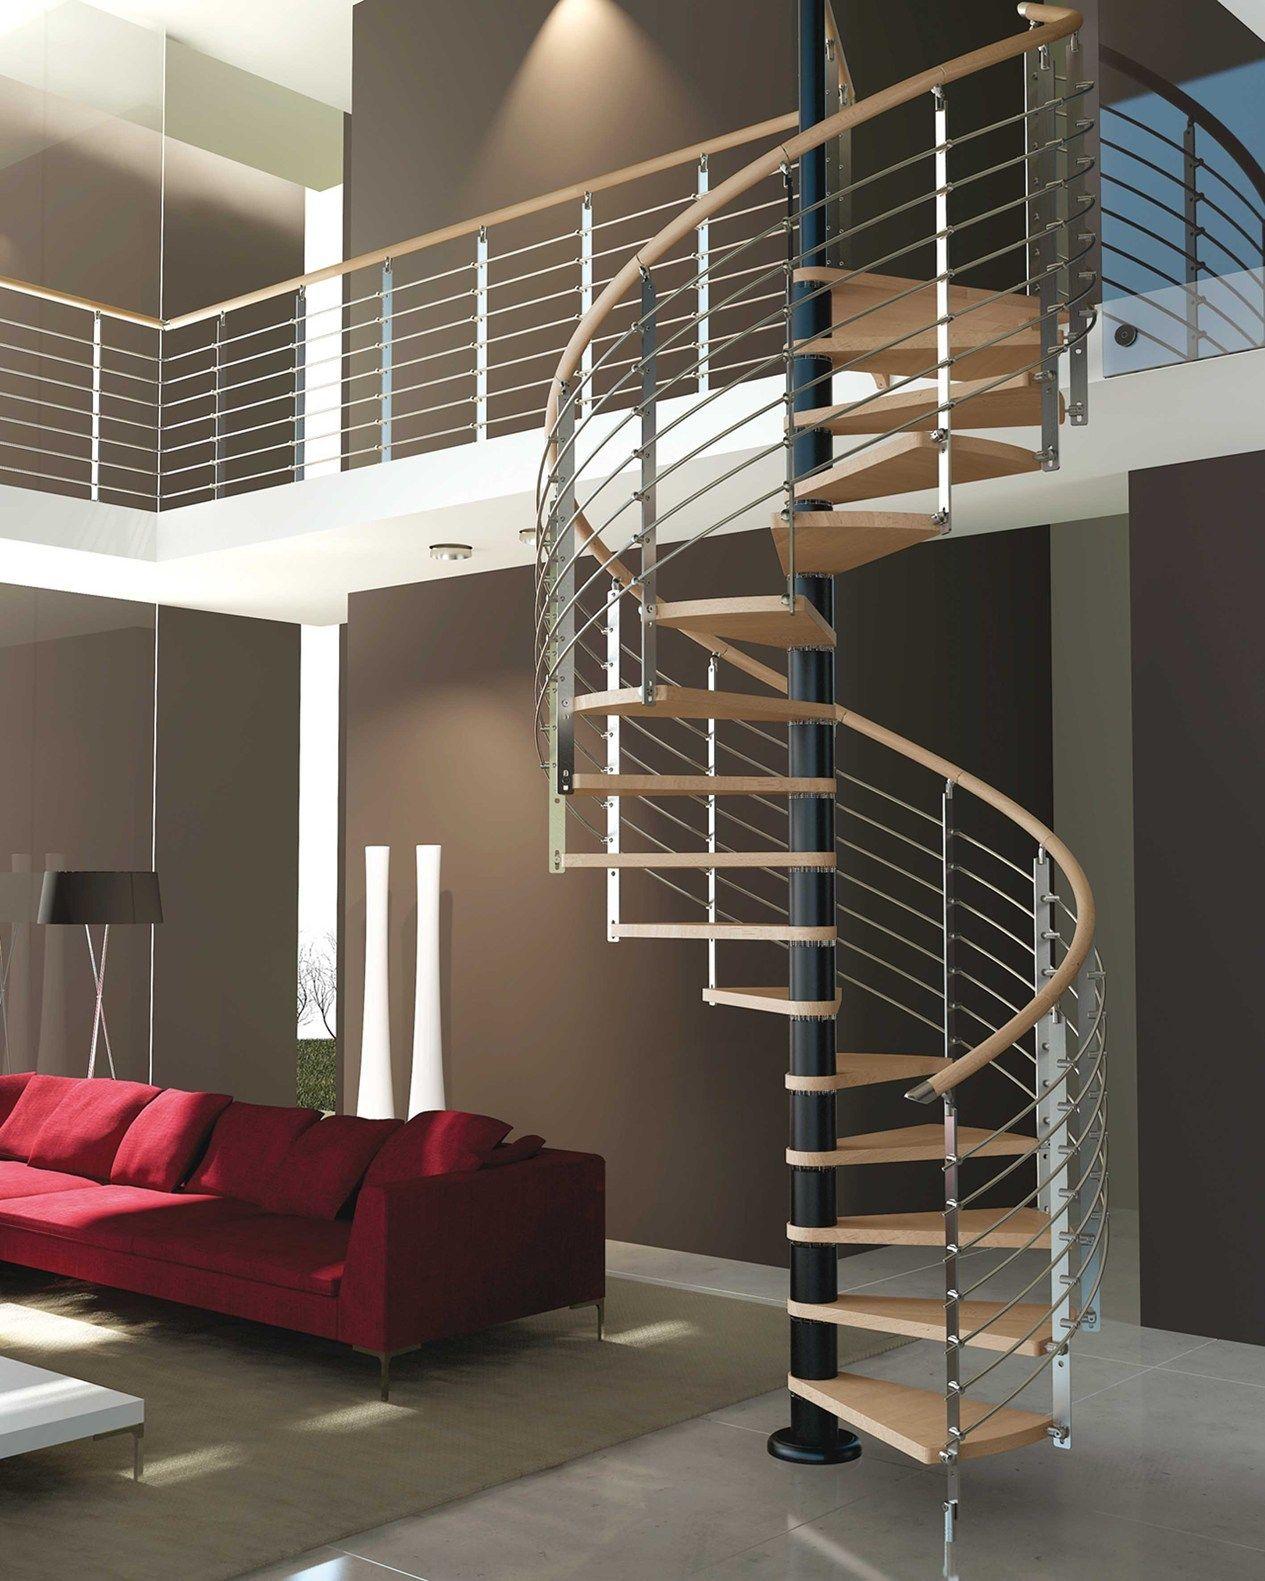 Le scale Rintal ideali per qualsiasi spazio